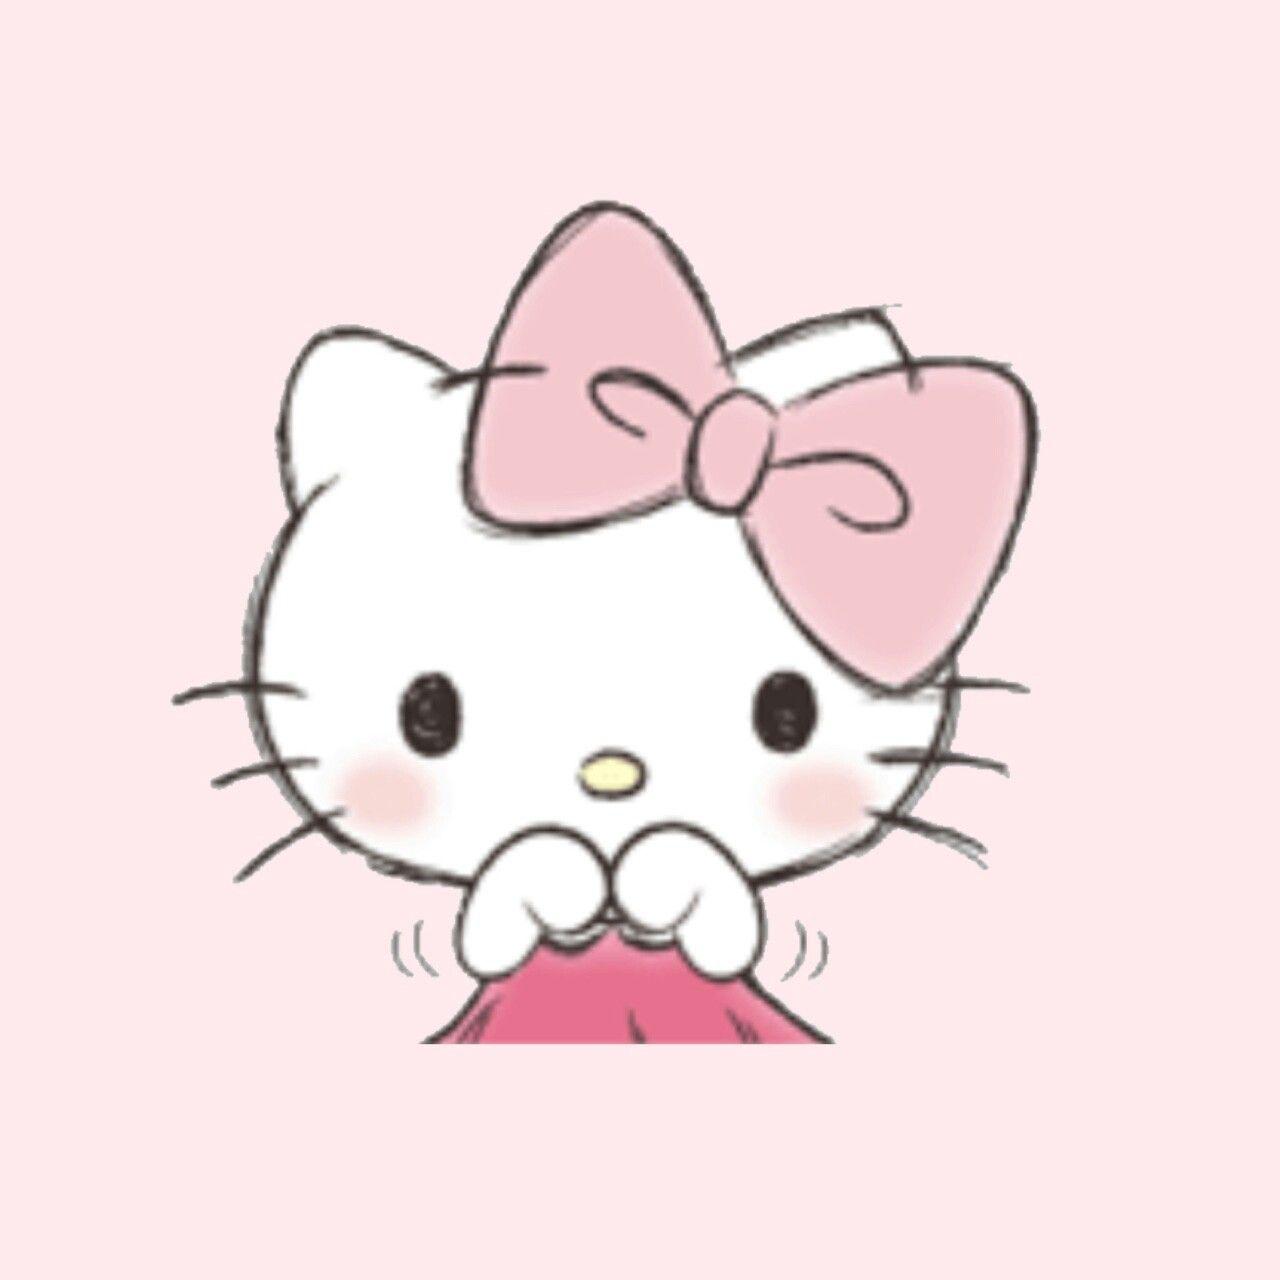 Beautiful Wallpaper Hello Kitty Head - d7807367569838f78d1a980dfab57853  Snapshot_635664.jpg